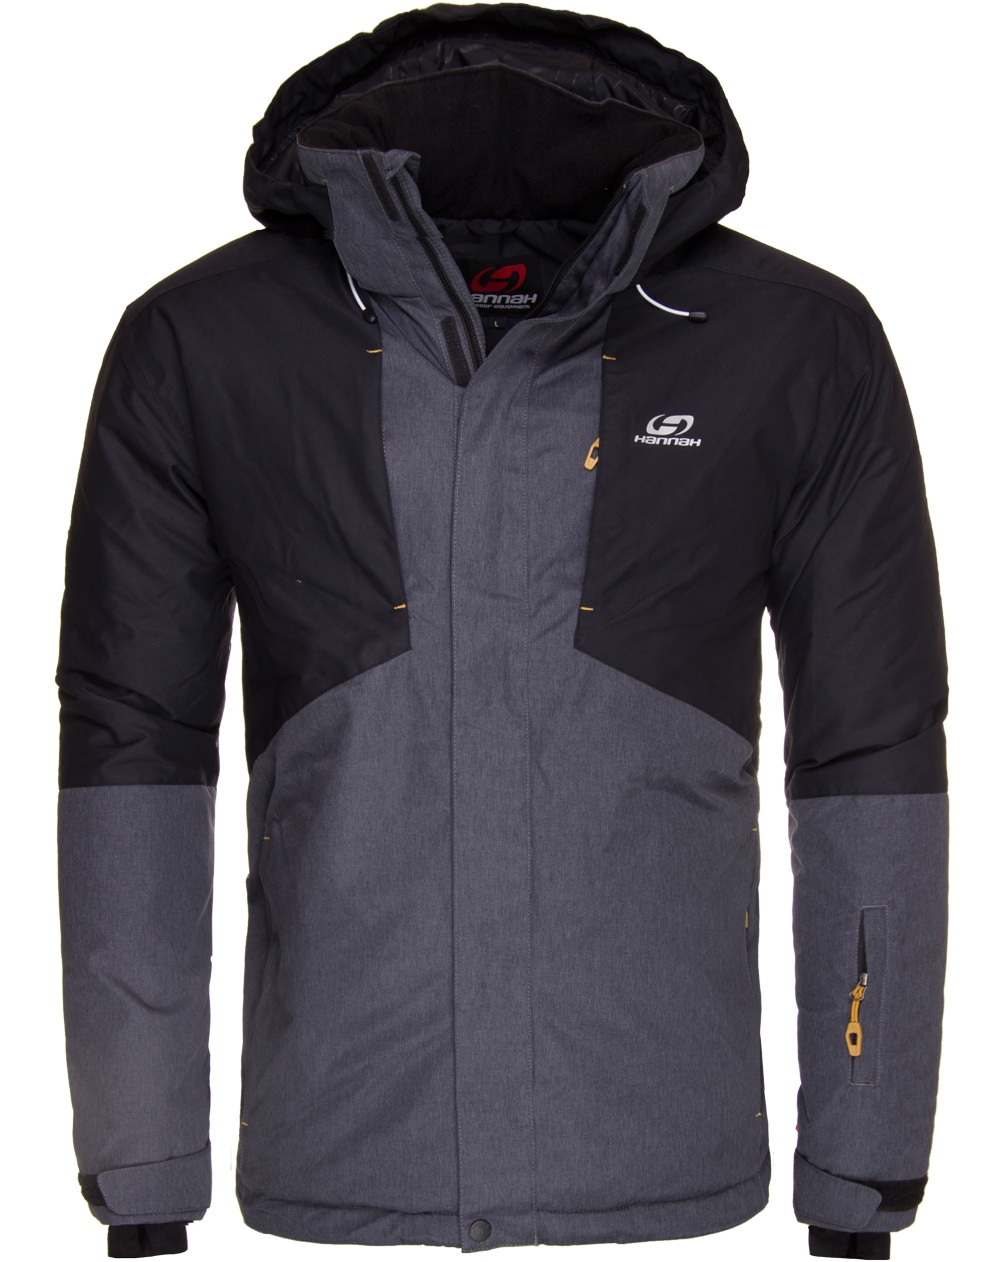 Men's ski jacket HANNAH Yard